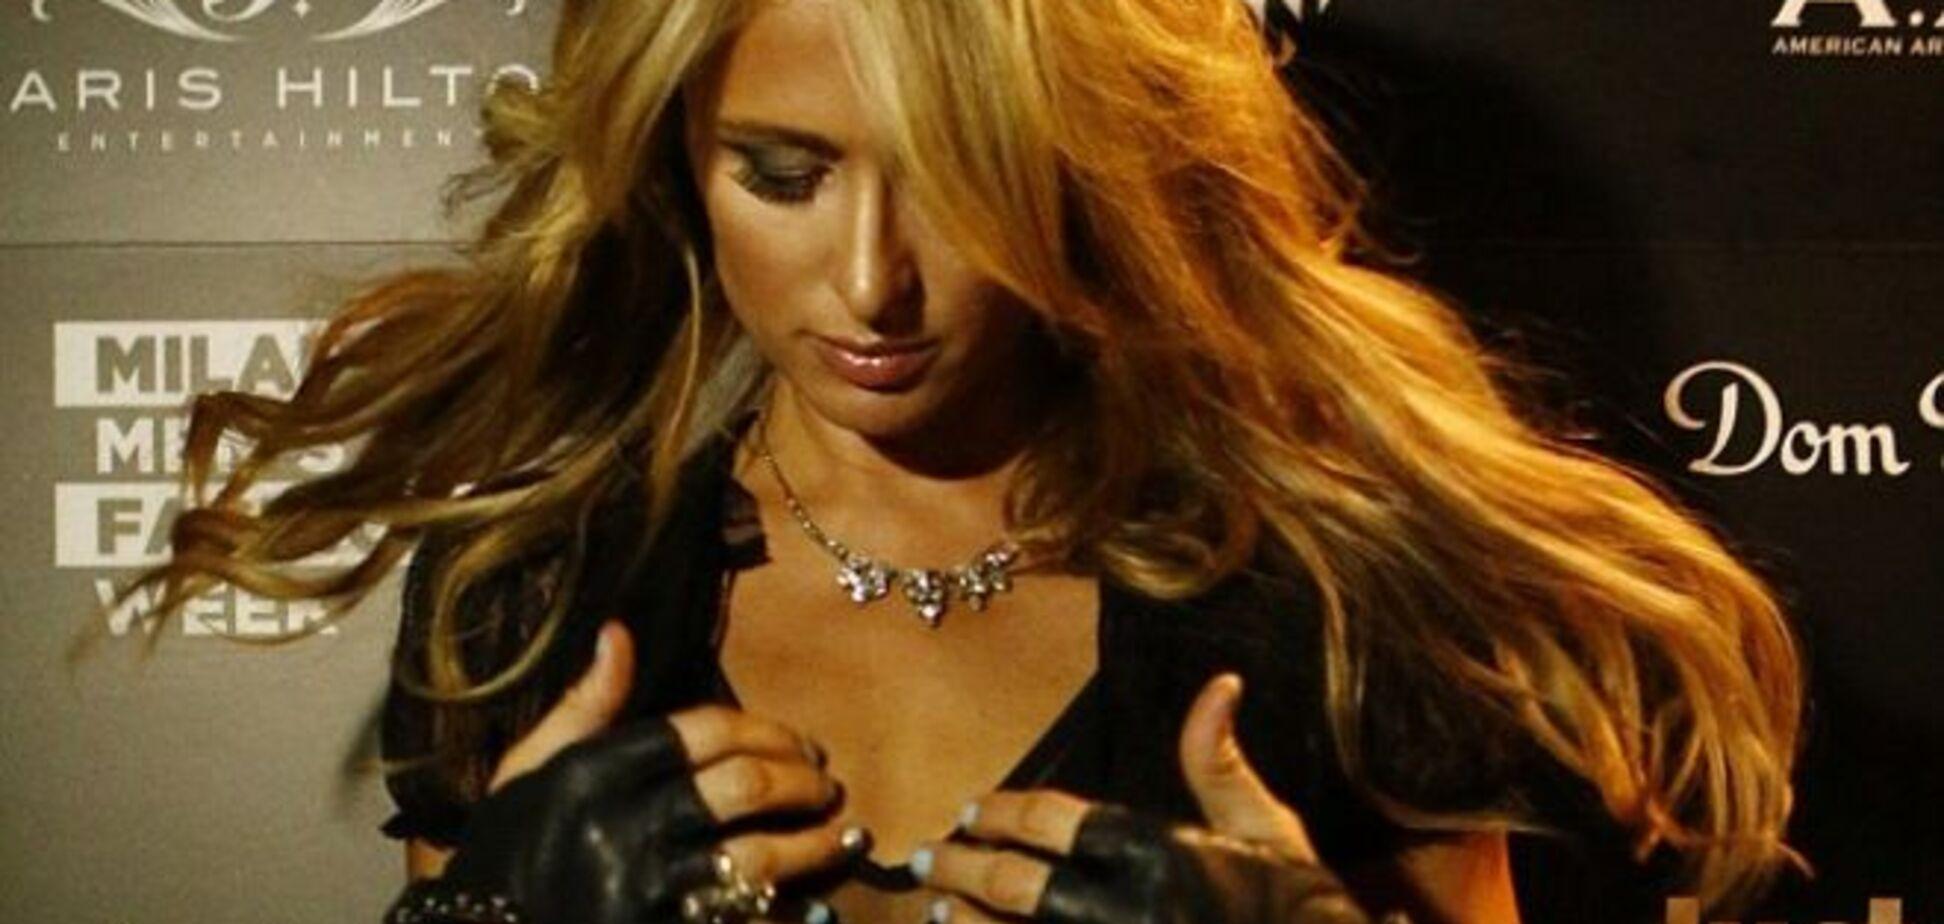 Пэрис Хилтон подвело платье, оголив ее грудь перед фотографами